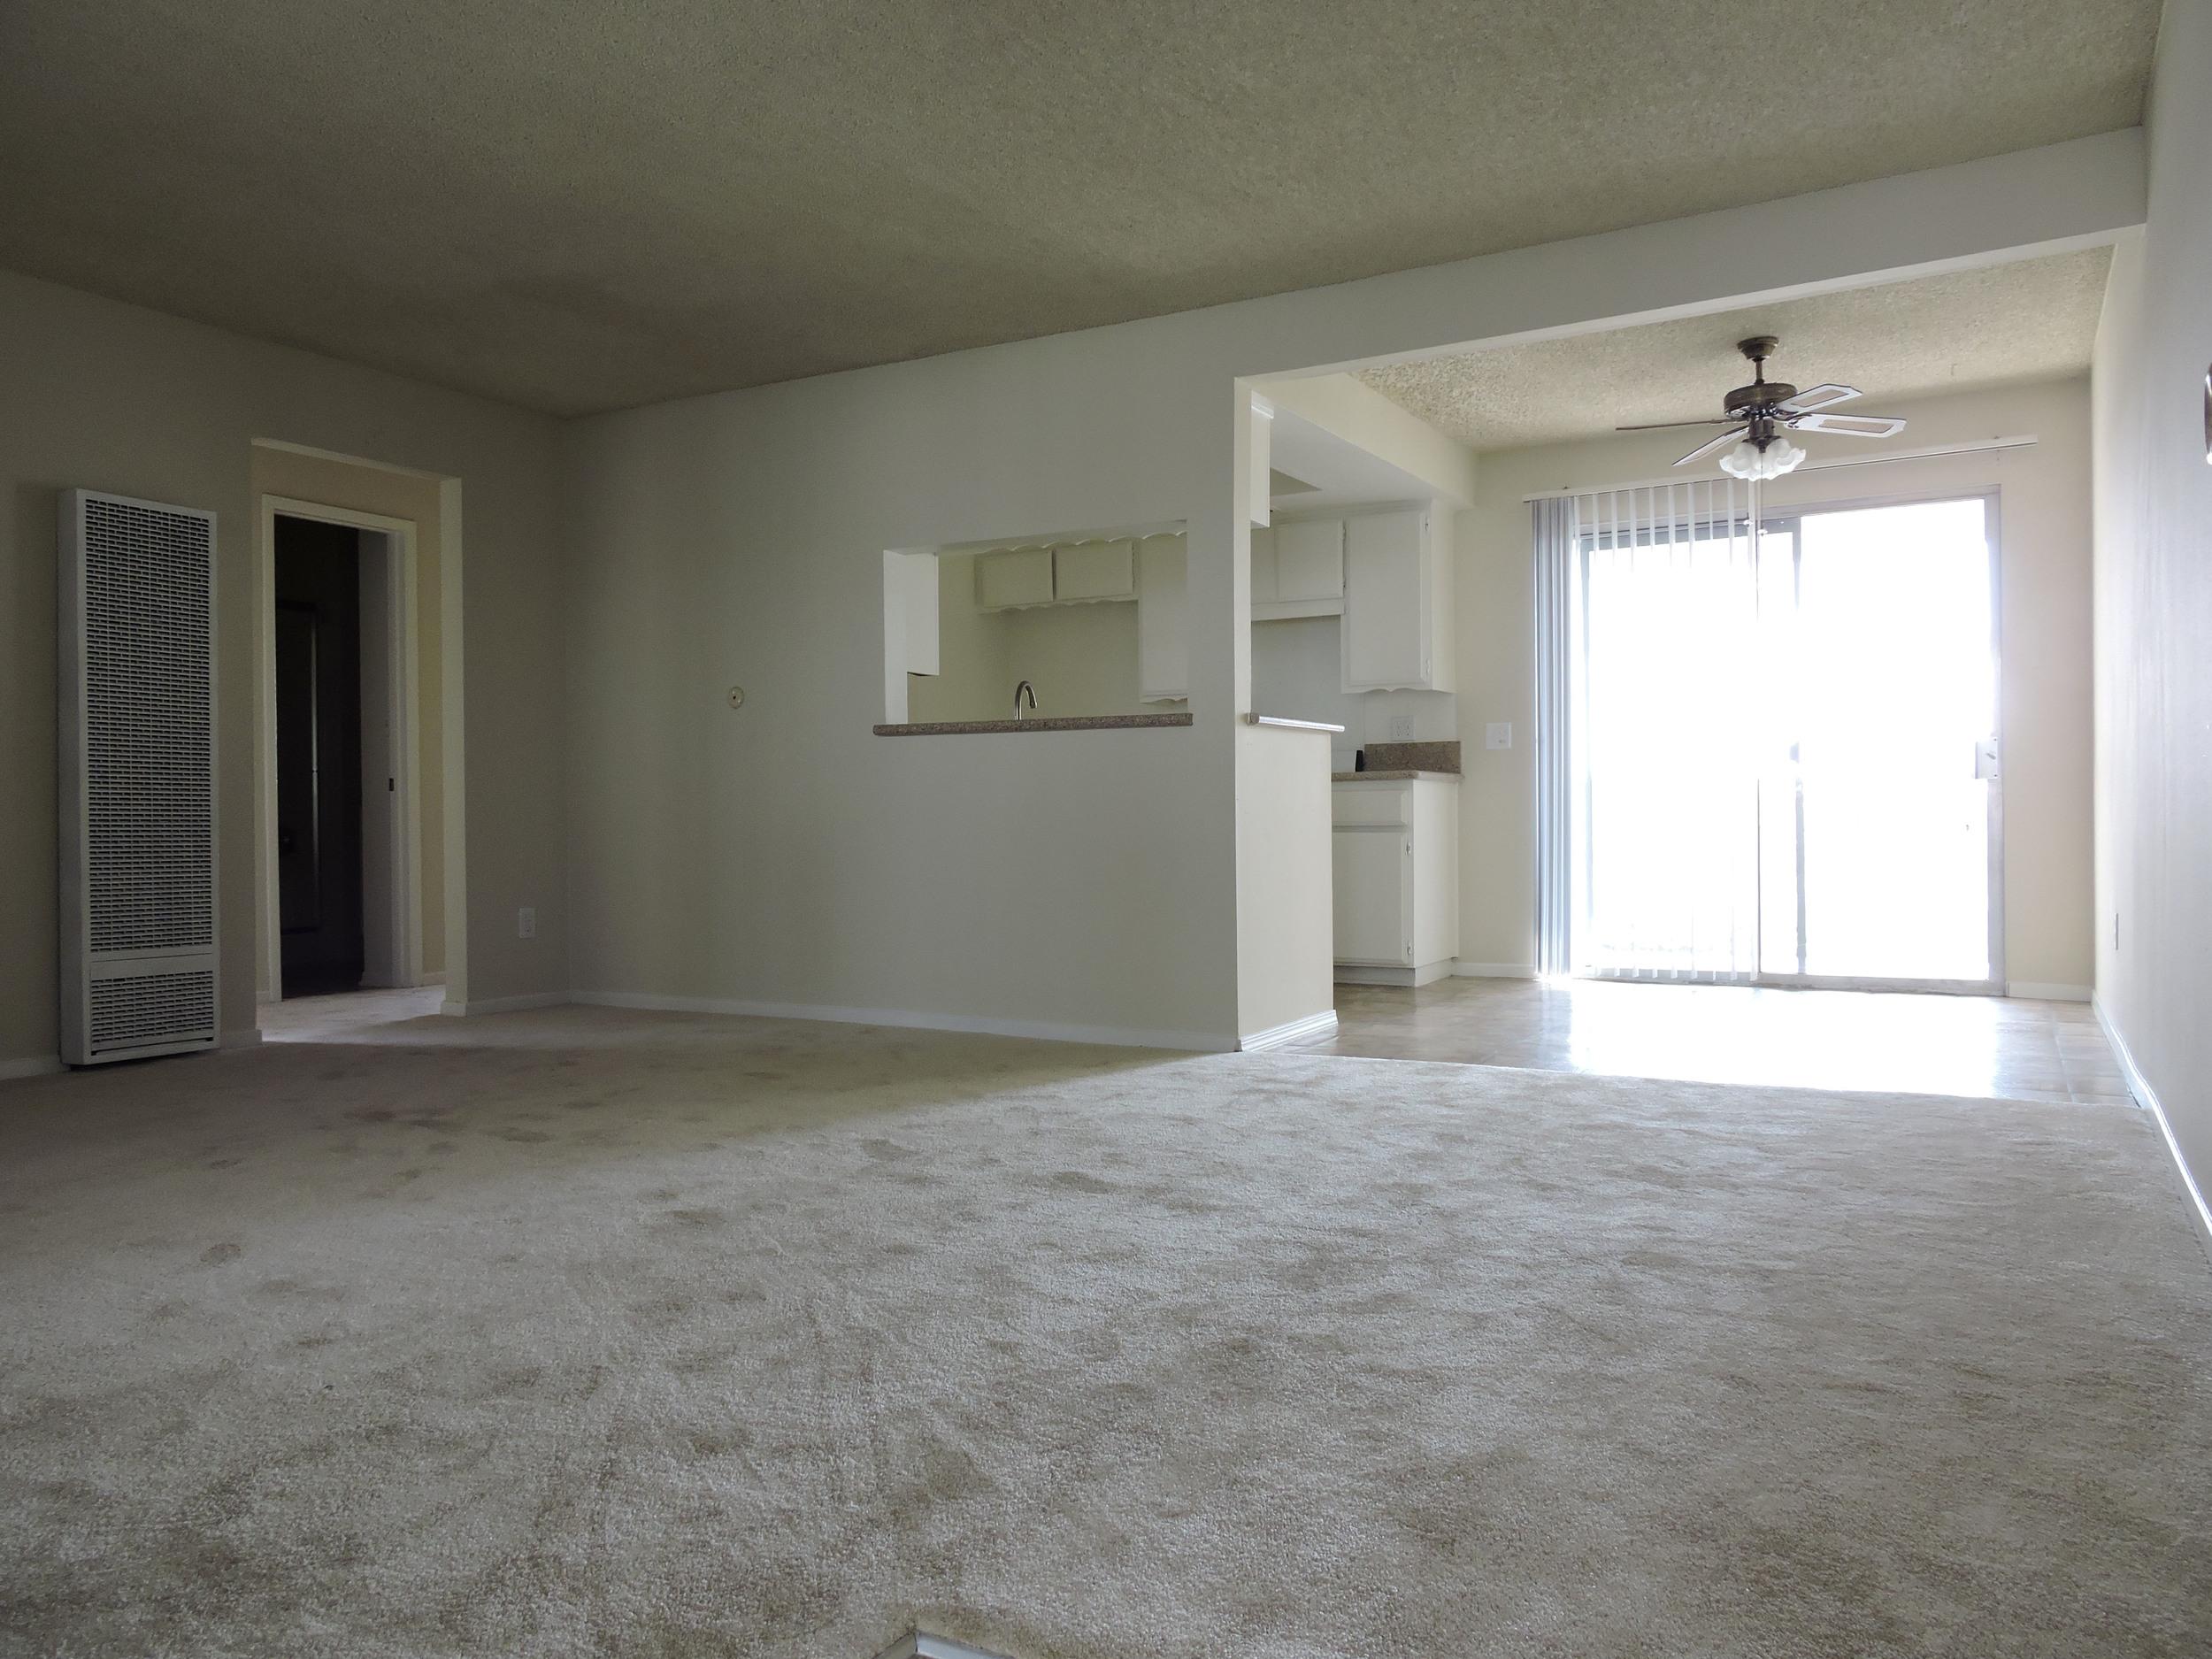 233 living room.jpg